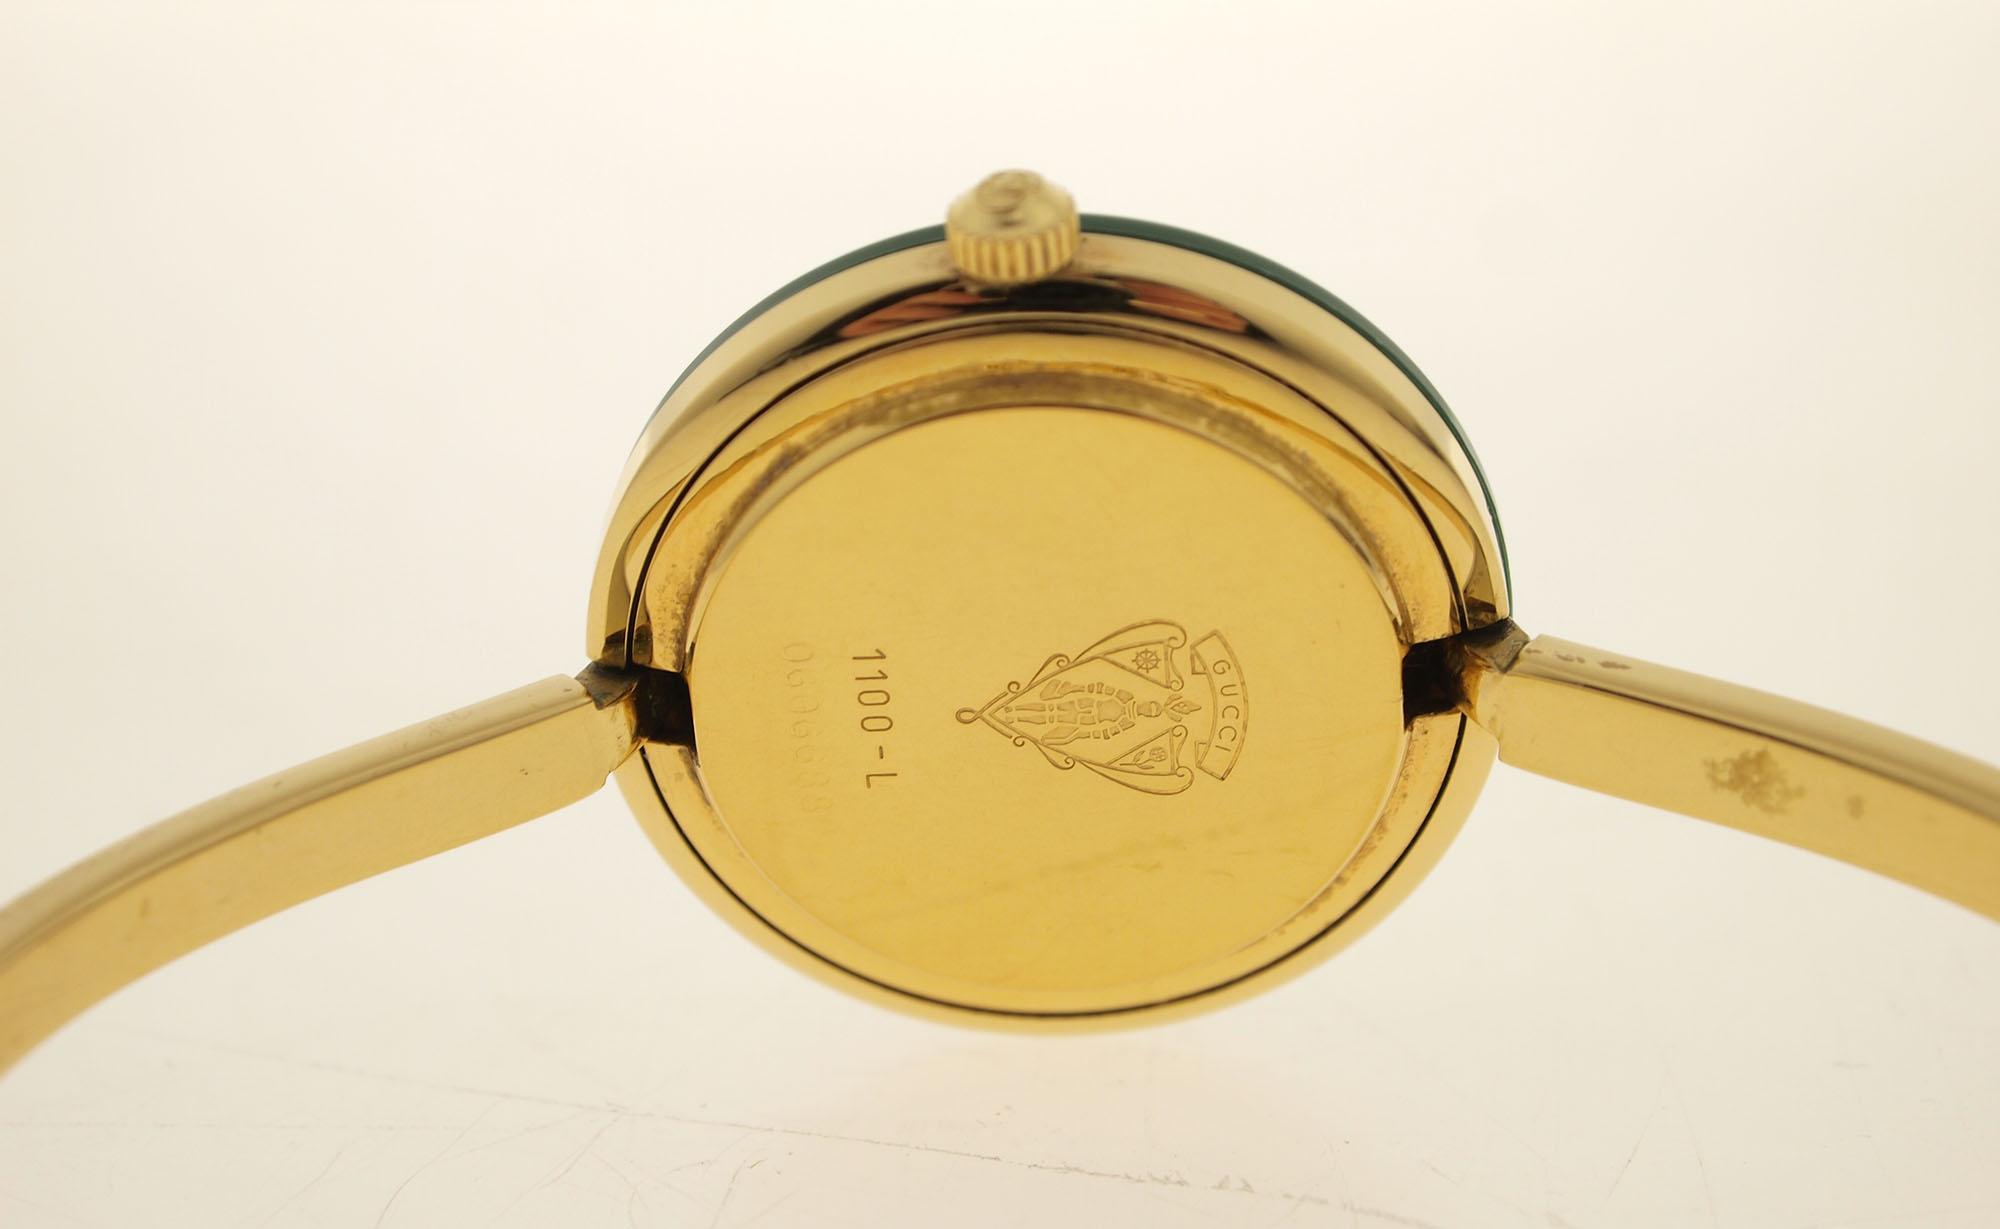 gucci designer spangenuhr mit 12 wechselbaren l netten vergoldet mit box ebay. Black Bedroom Furniture Sets. Home Design Ideas